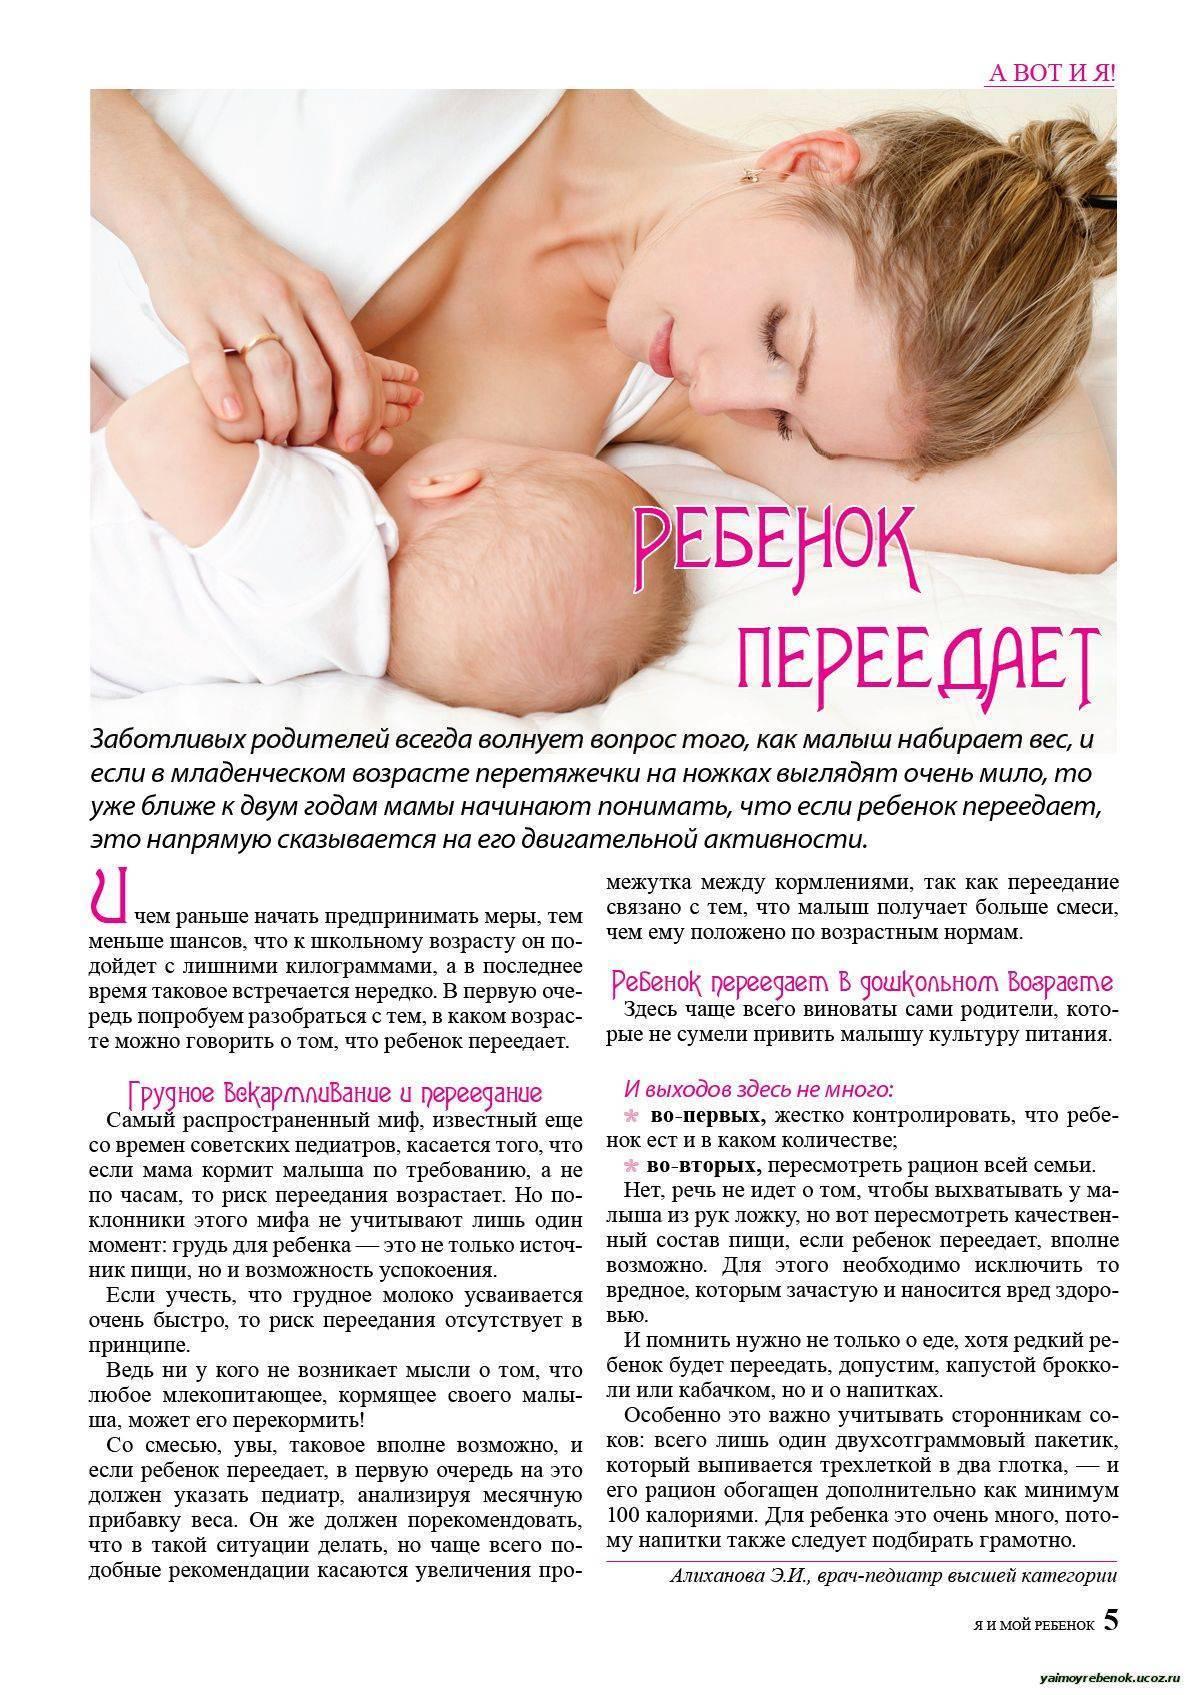 Это нужно знать: когда можно ставить внутриматочную спираль после родов?